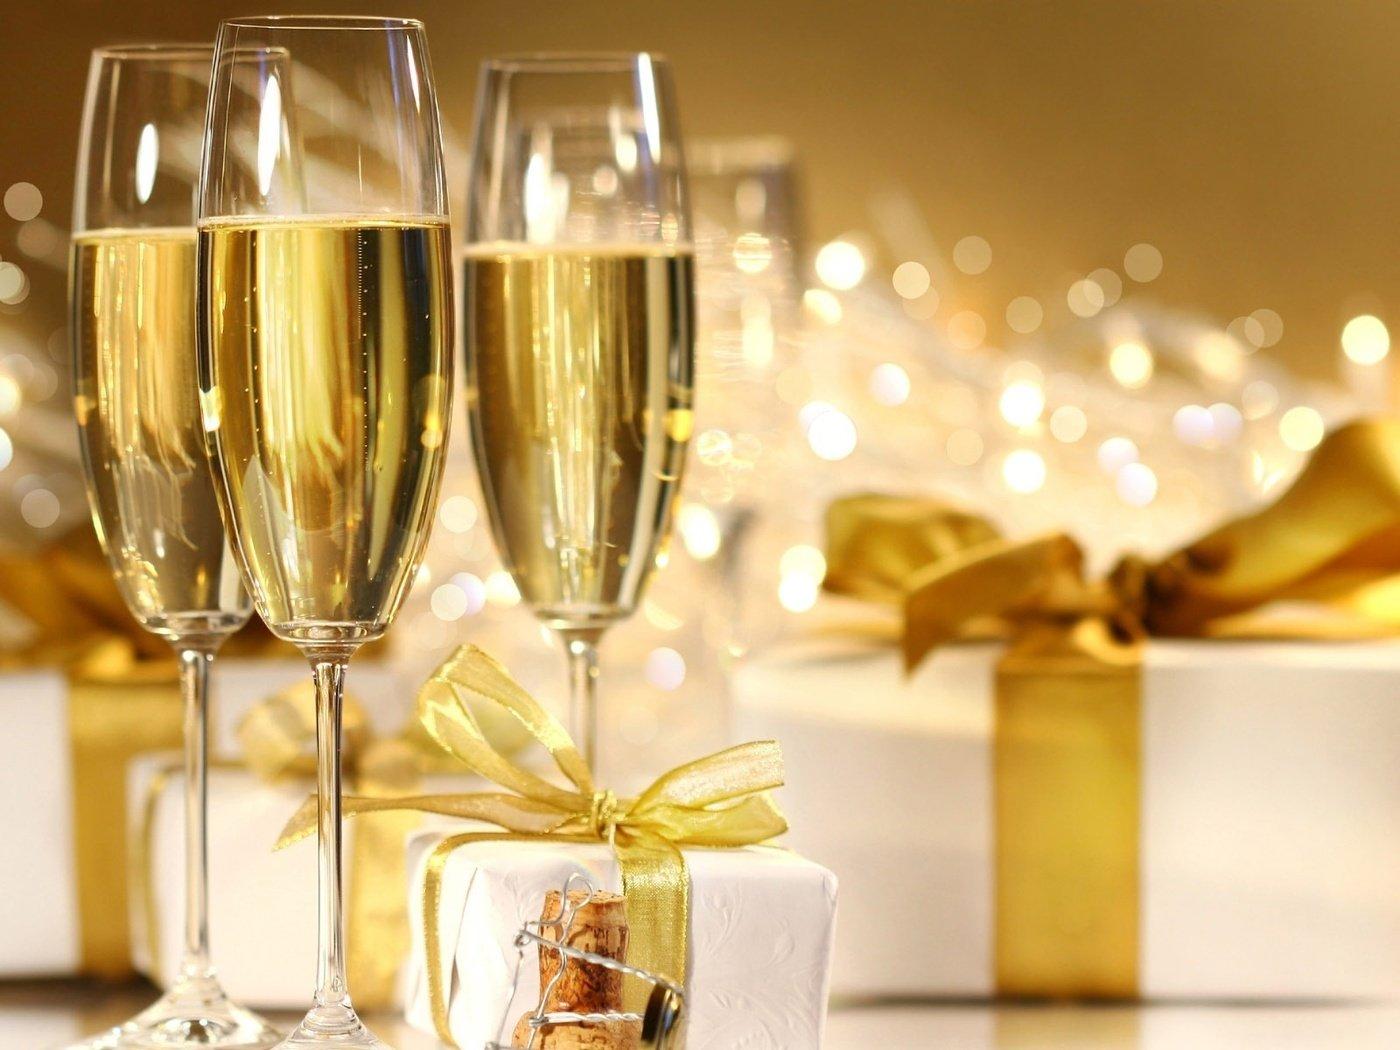 Шампанское на день рождения фото, принц